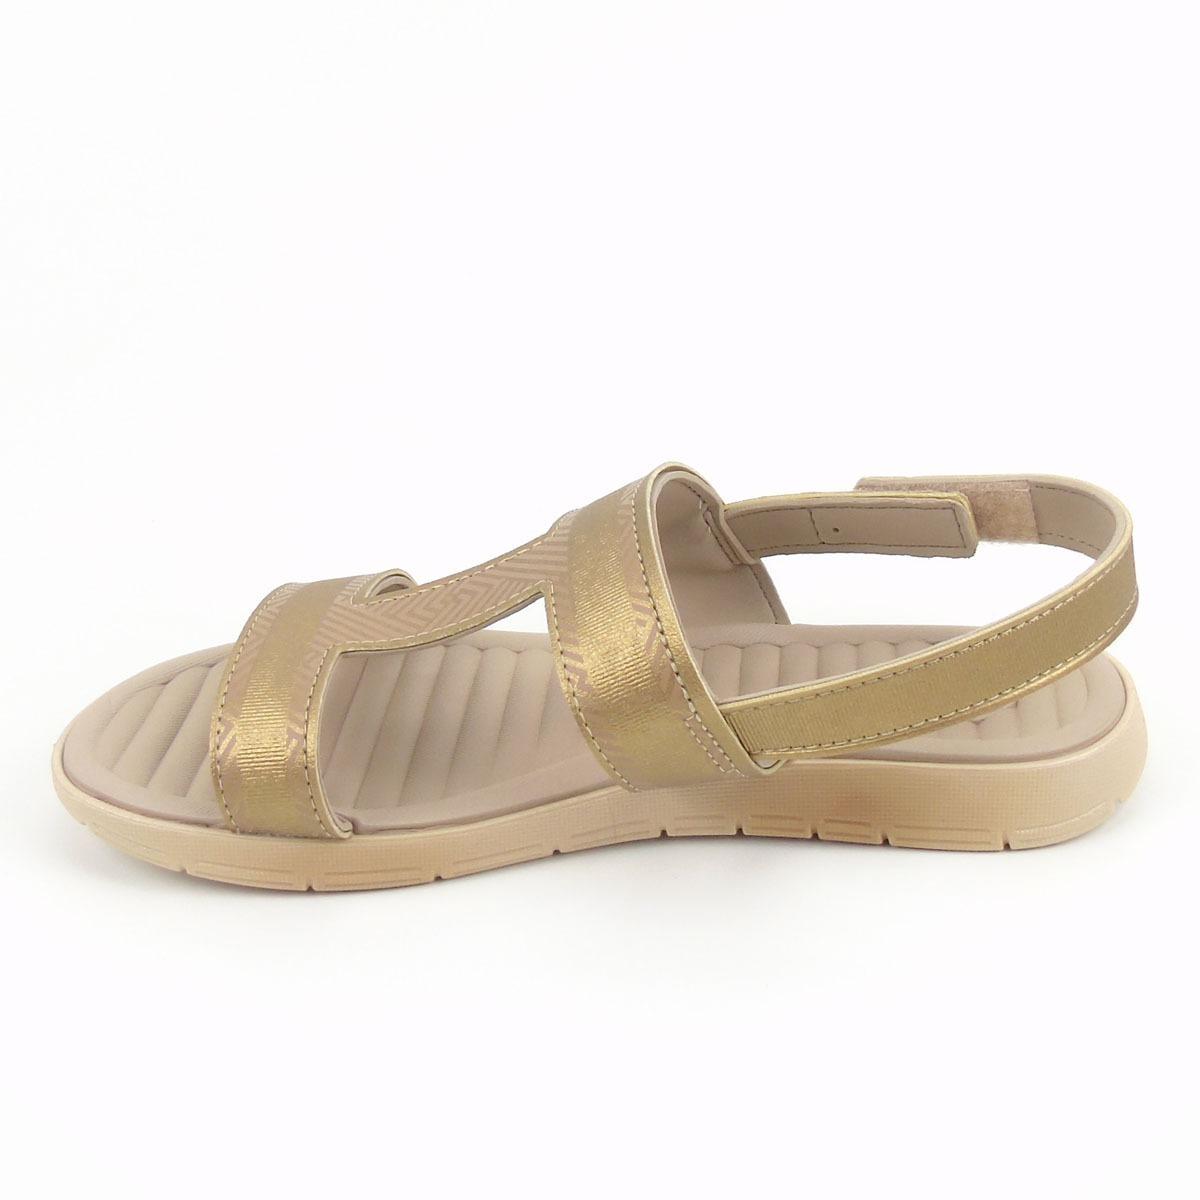 a6bb2aeb67 sandália macia rasteira grendha na cor dourado sense soft ii. Carregando  zoom.